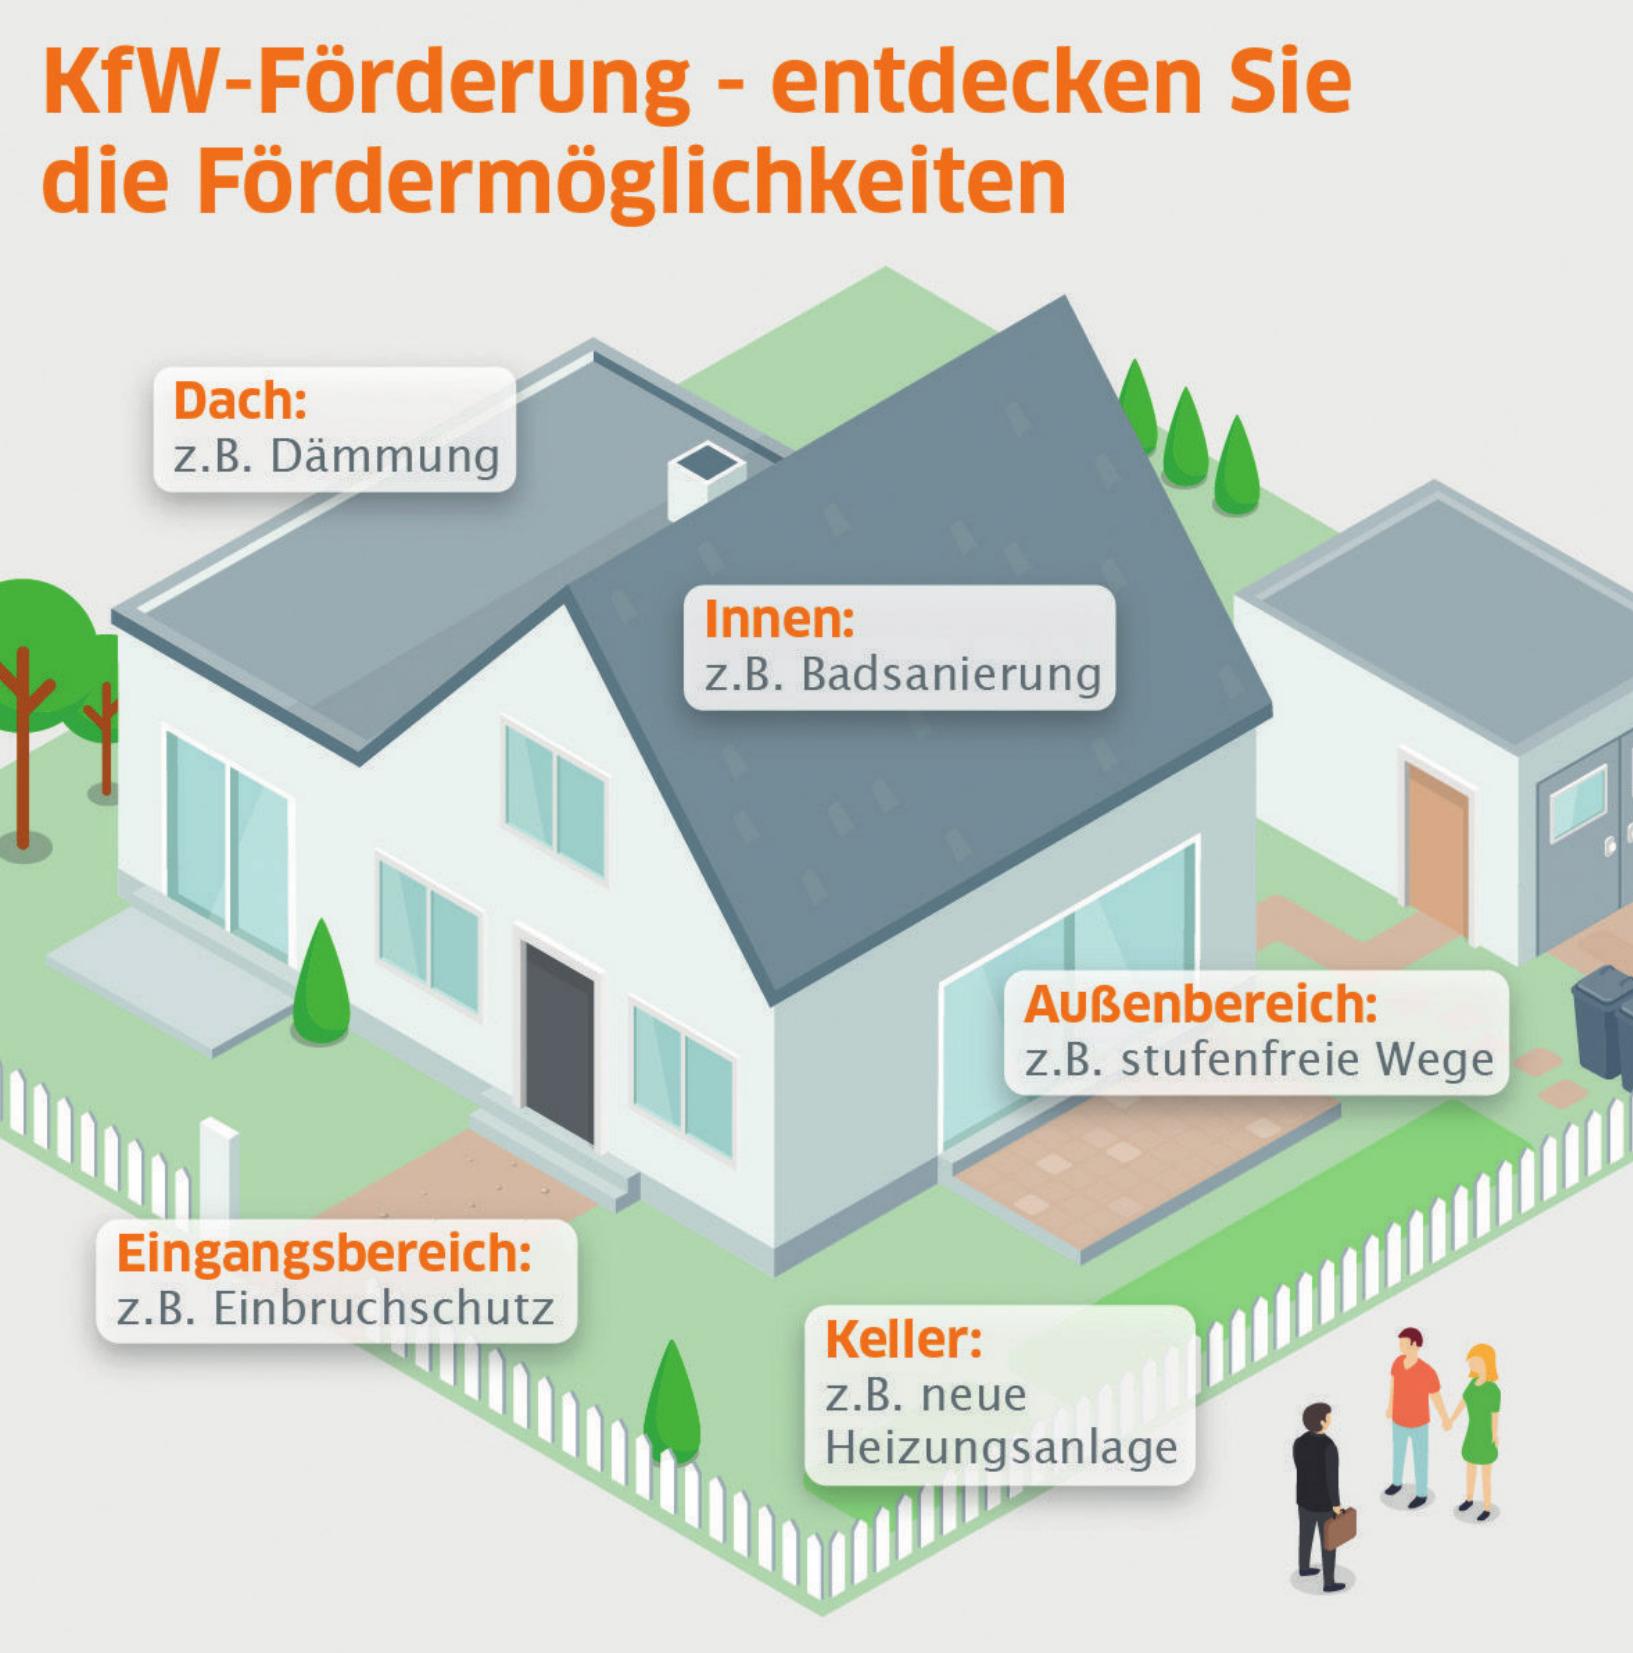 Die Grafik zeigt beispielhaft einige Möglichkeiten für KfW-Fördermittel beim Umbau Grafik: Interhyp AG